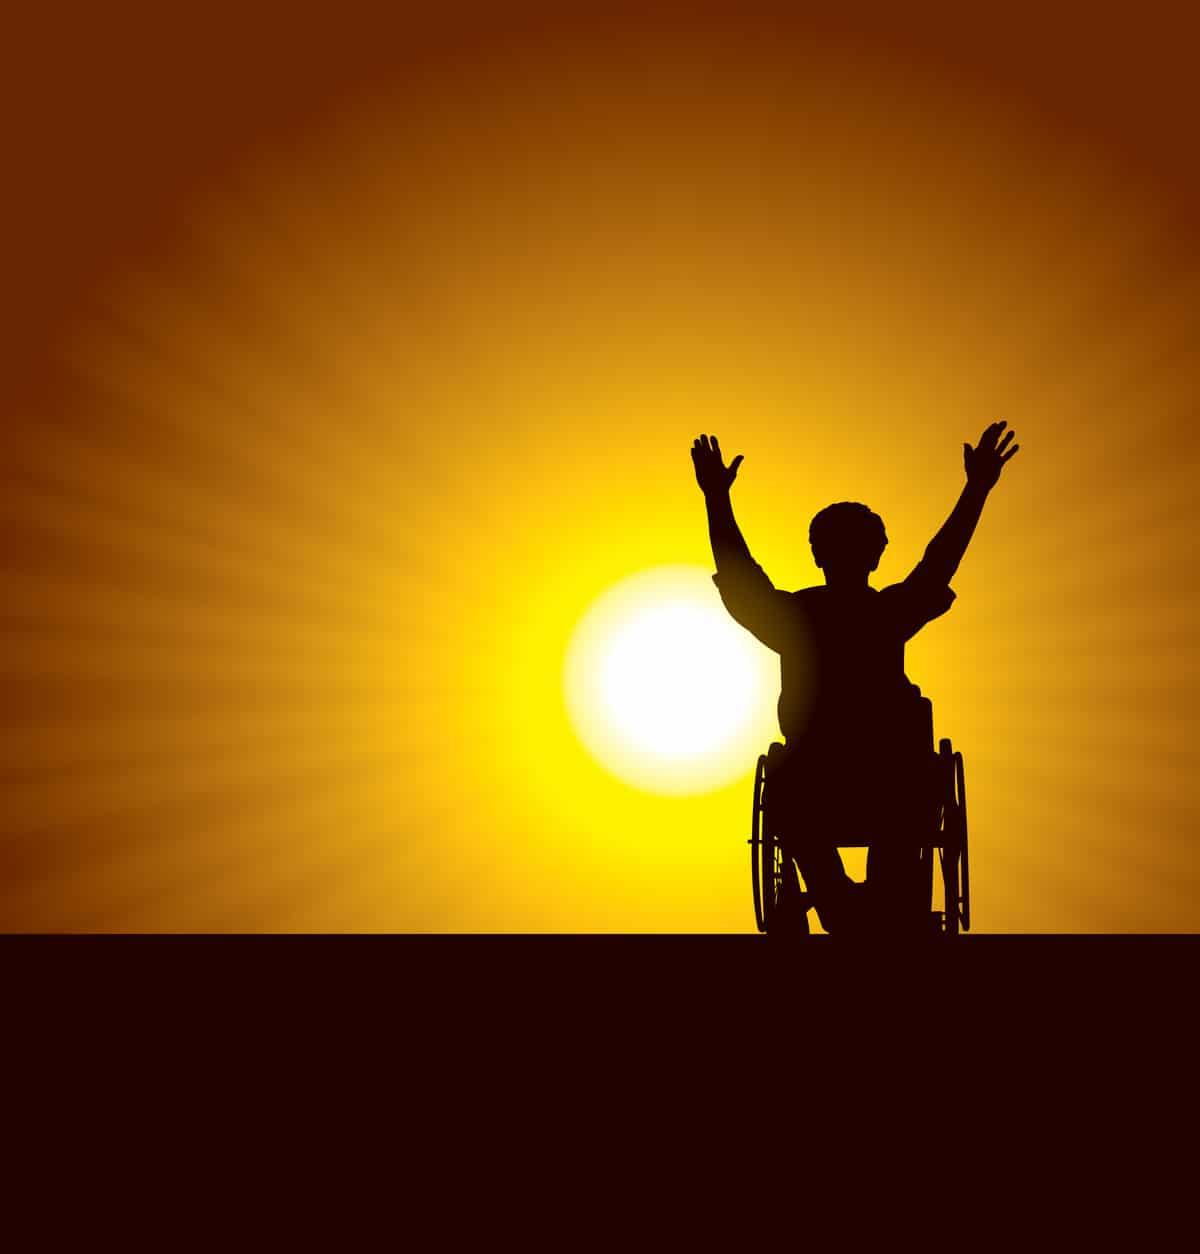 man in wheelchair arms raised against a setting sun